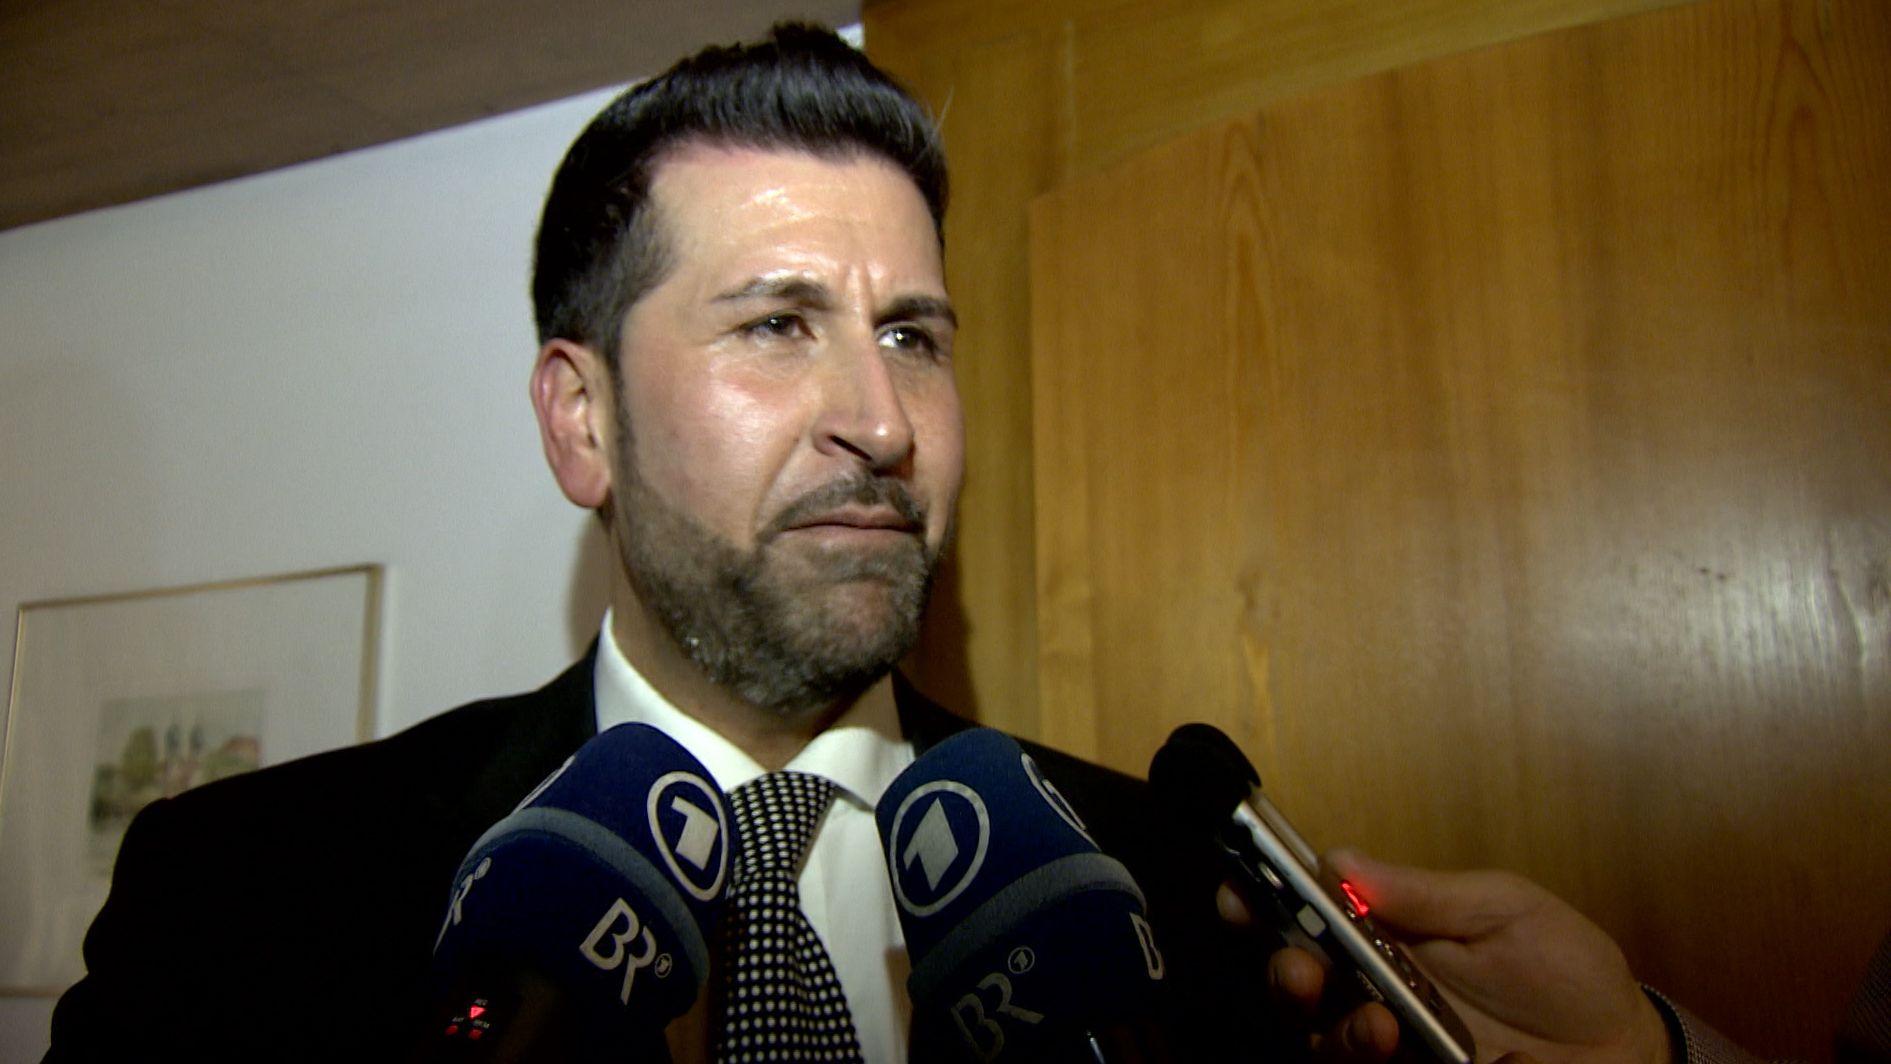 Ozan Iyibas ist 37 Jahre alt, Moslem, in Freising geboren und ist in Neufahrn der CSU-Bürgermeisterkandidat.